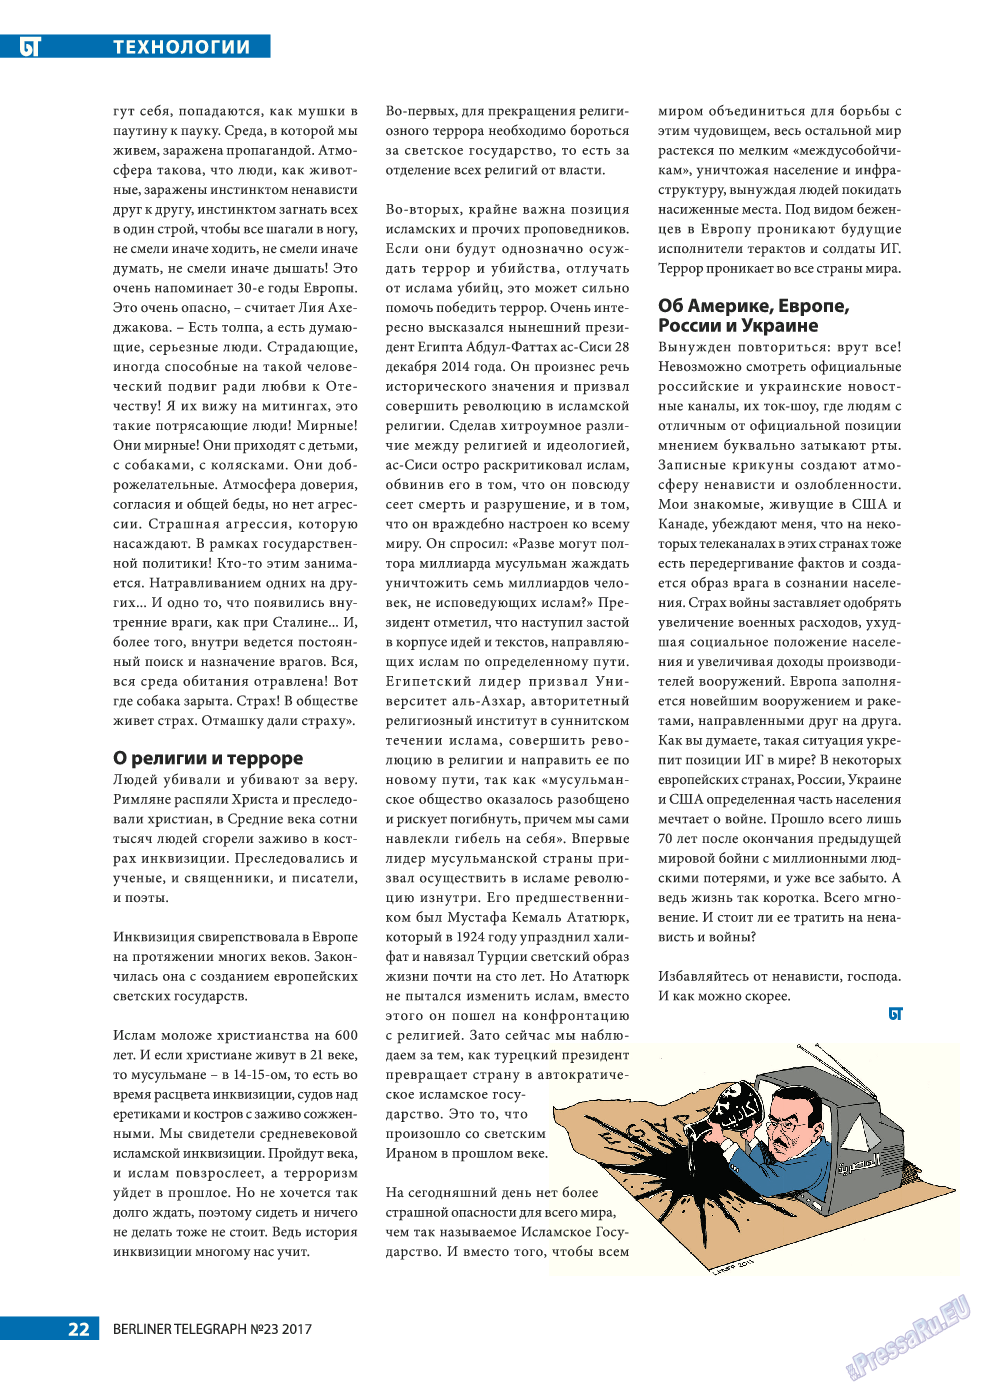 Берлинский телеграф (журнал). 2017 год, номер 23, стр. 22